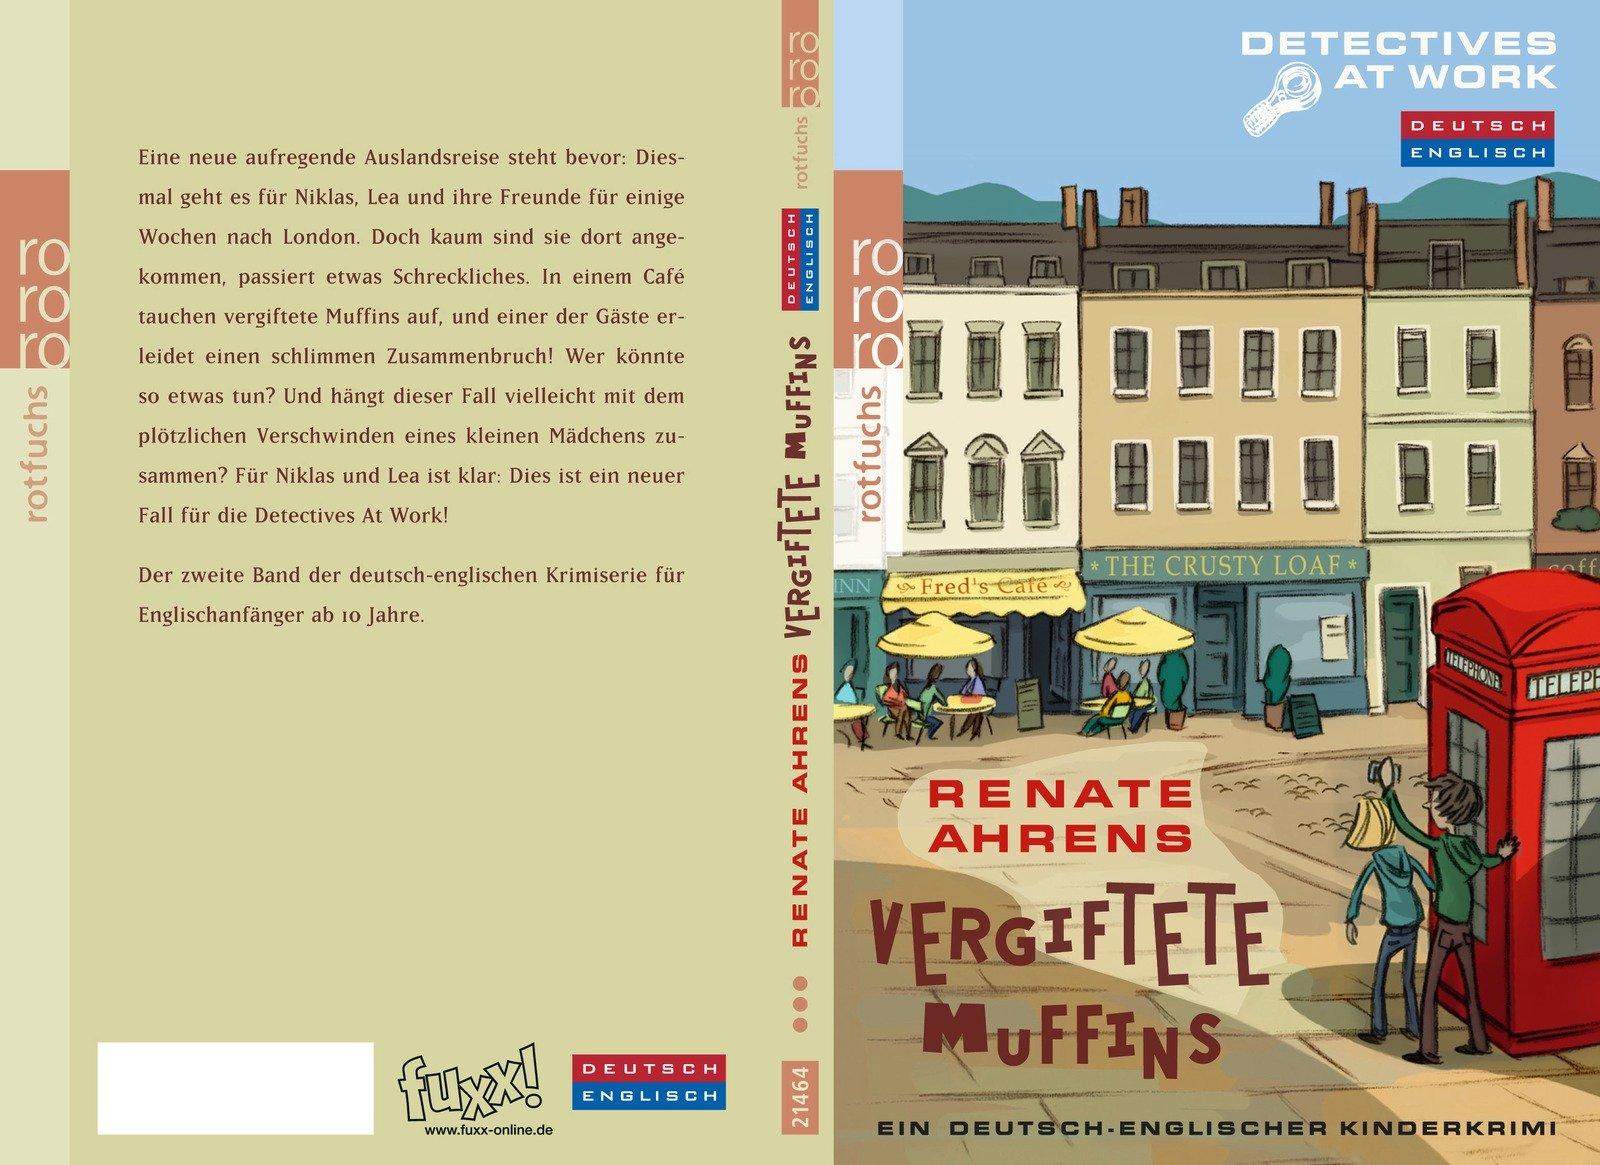 Vergiftete Muffins: Ein deutsch-englischer Kinderkrimi (Detectives at Work, Band 2)